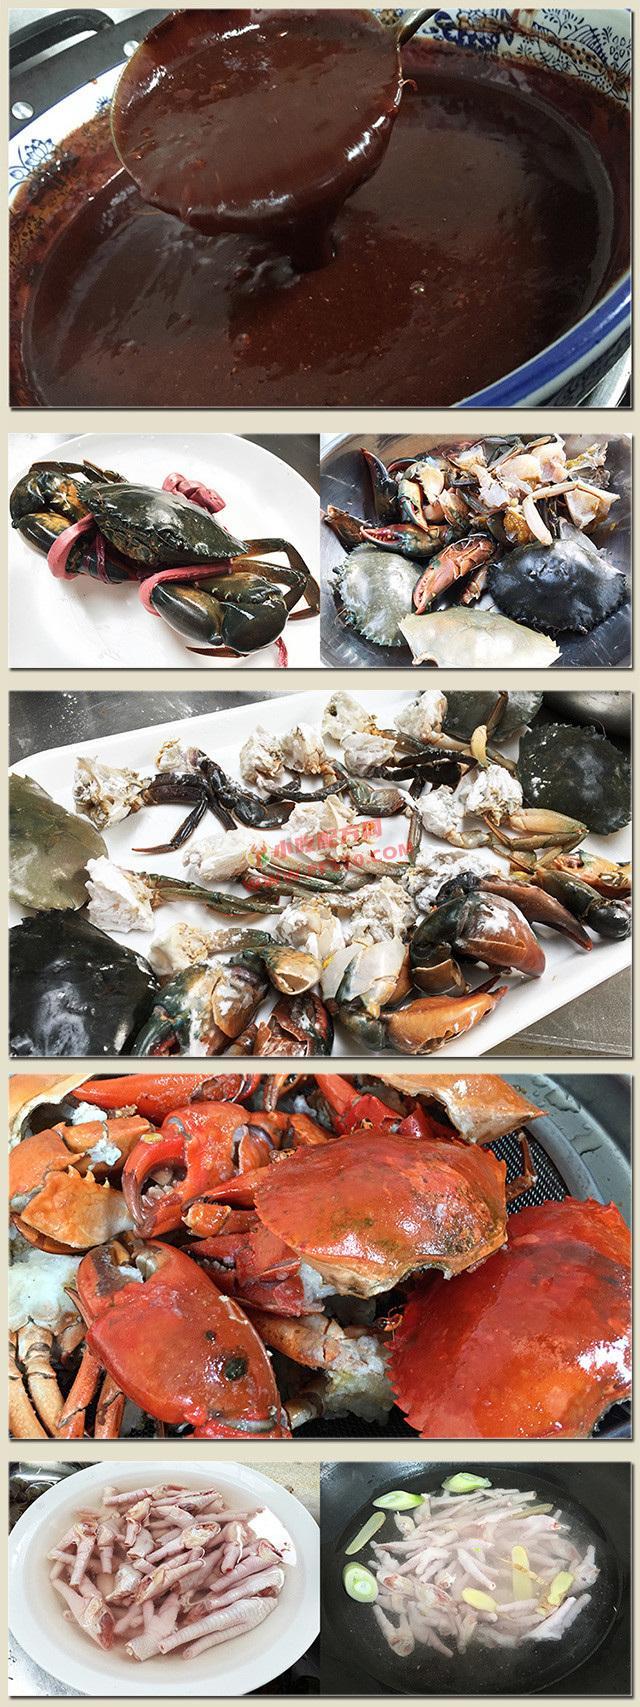 肉蟹煲的做法大全和配方配料,正宗技术培训教程教学视频 肉蟹煲 第4张